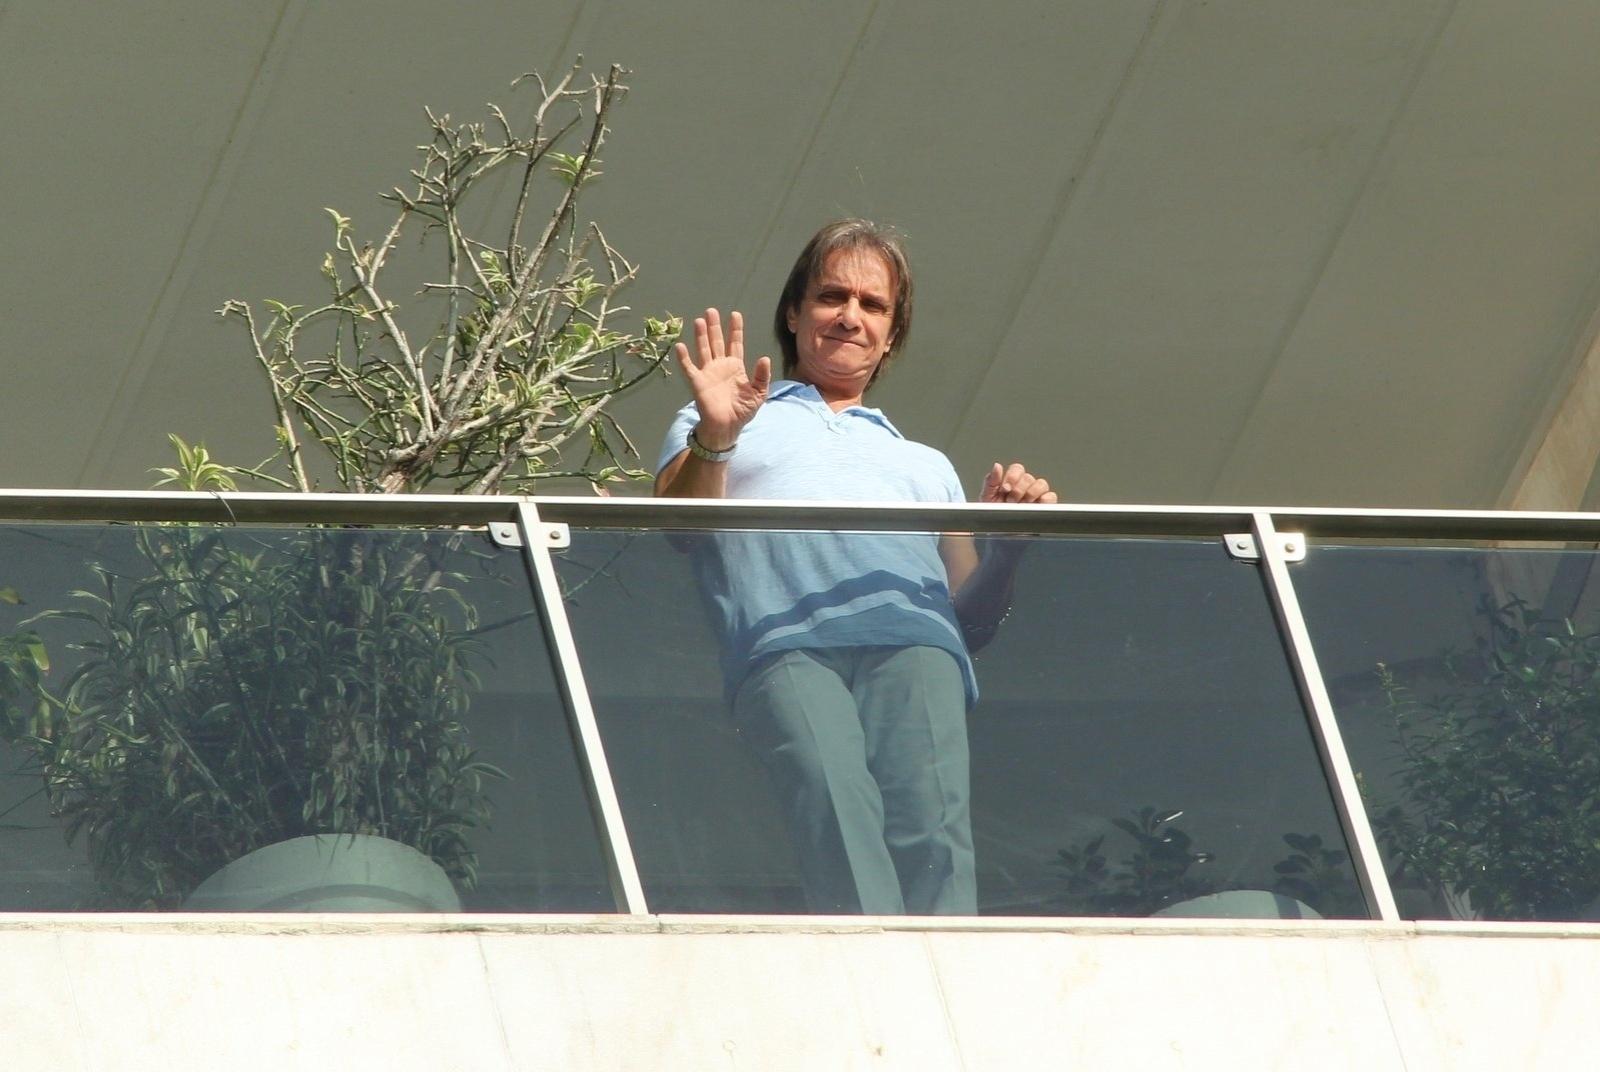 19.abril.2014 - No dia do seu aniversário, Roberto Carlos acena para fãs da sacada de seu apartamento no Rio. O cantor, que está completando 73 anos neste sábado (19), recebeu uma homenagem do seu fã-clune na porta do prédio em que mora, na Urca, na Zona Sul da cidade